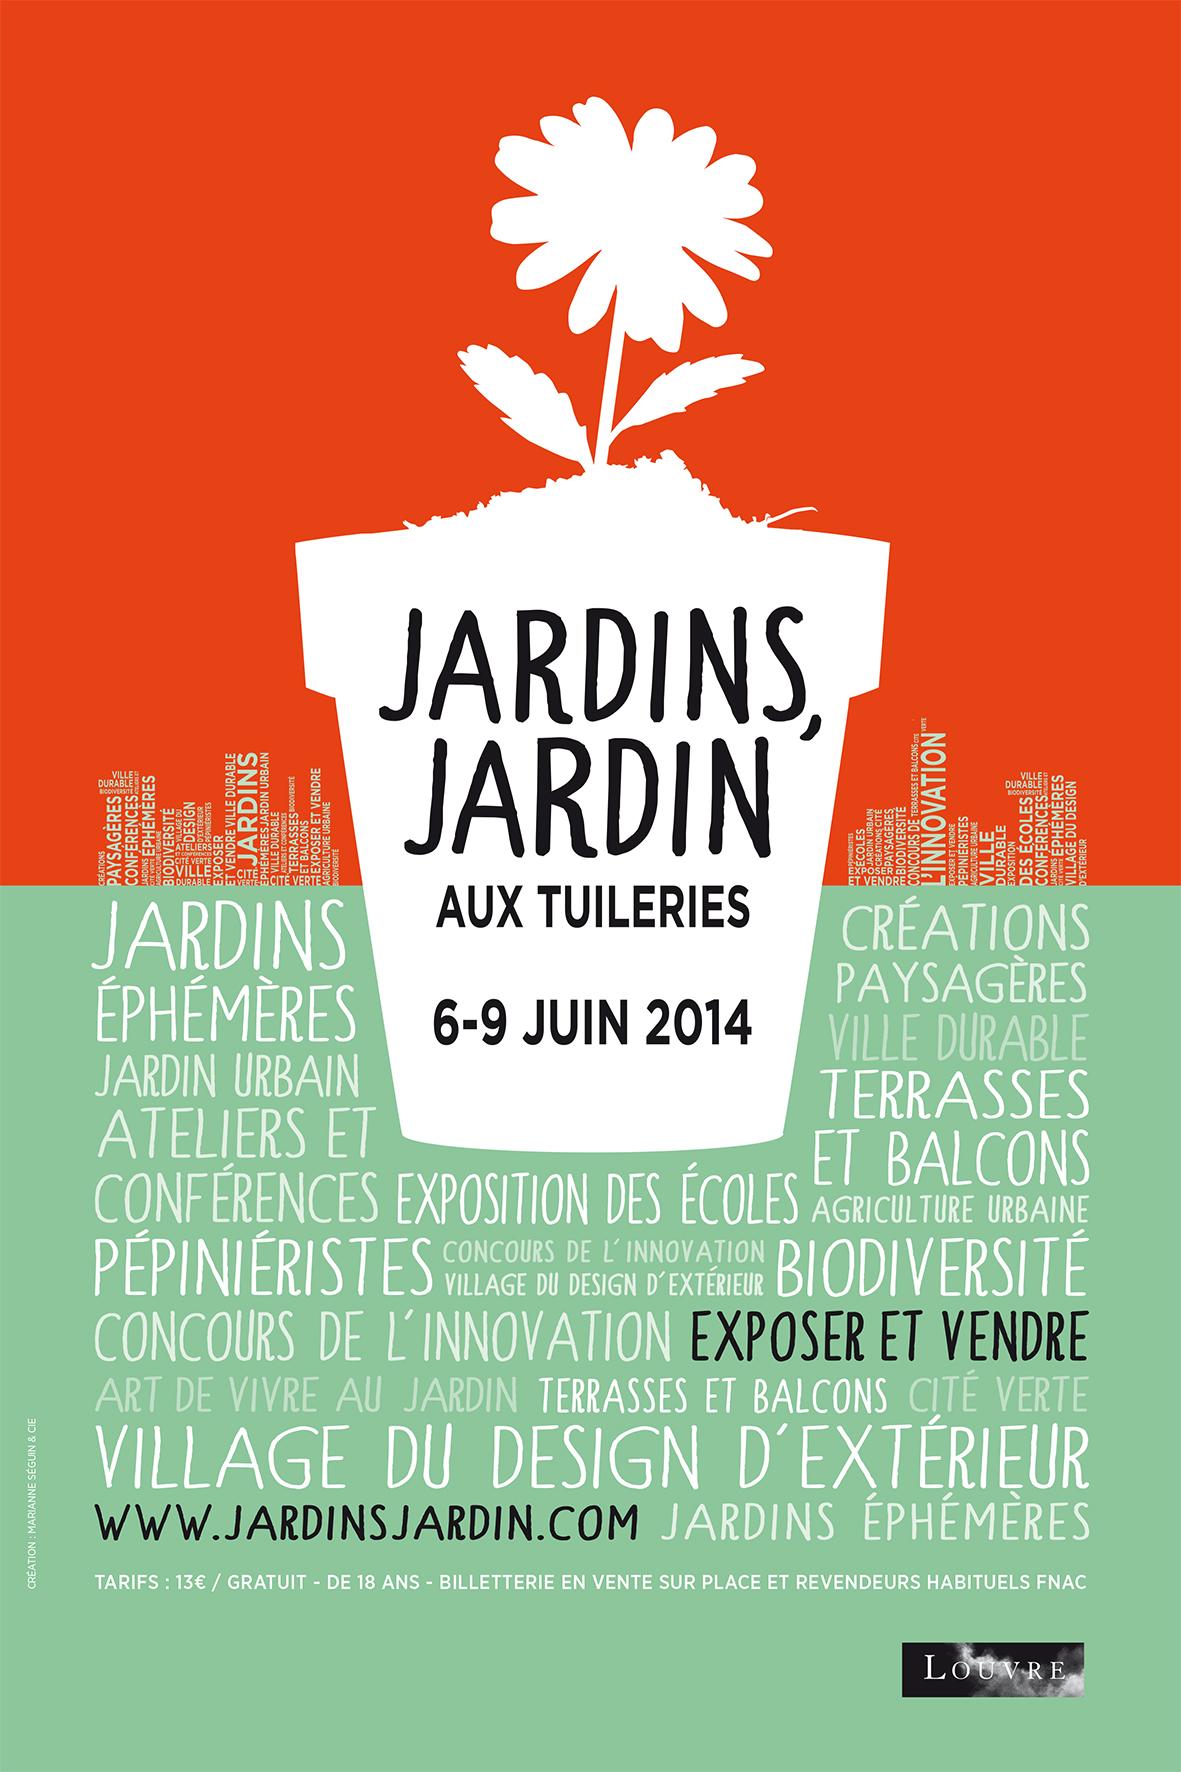 Jardins, Jardin 2014 au Jardin des Tuileries